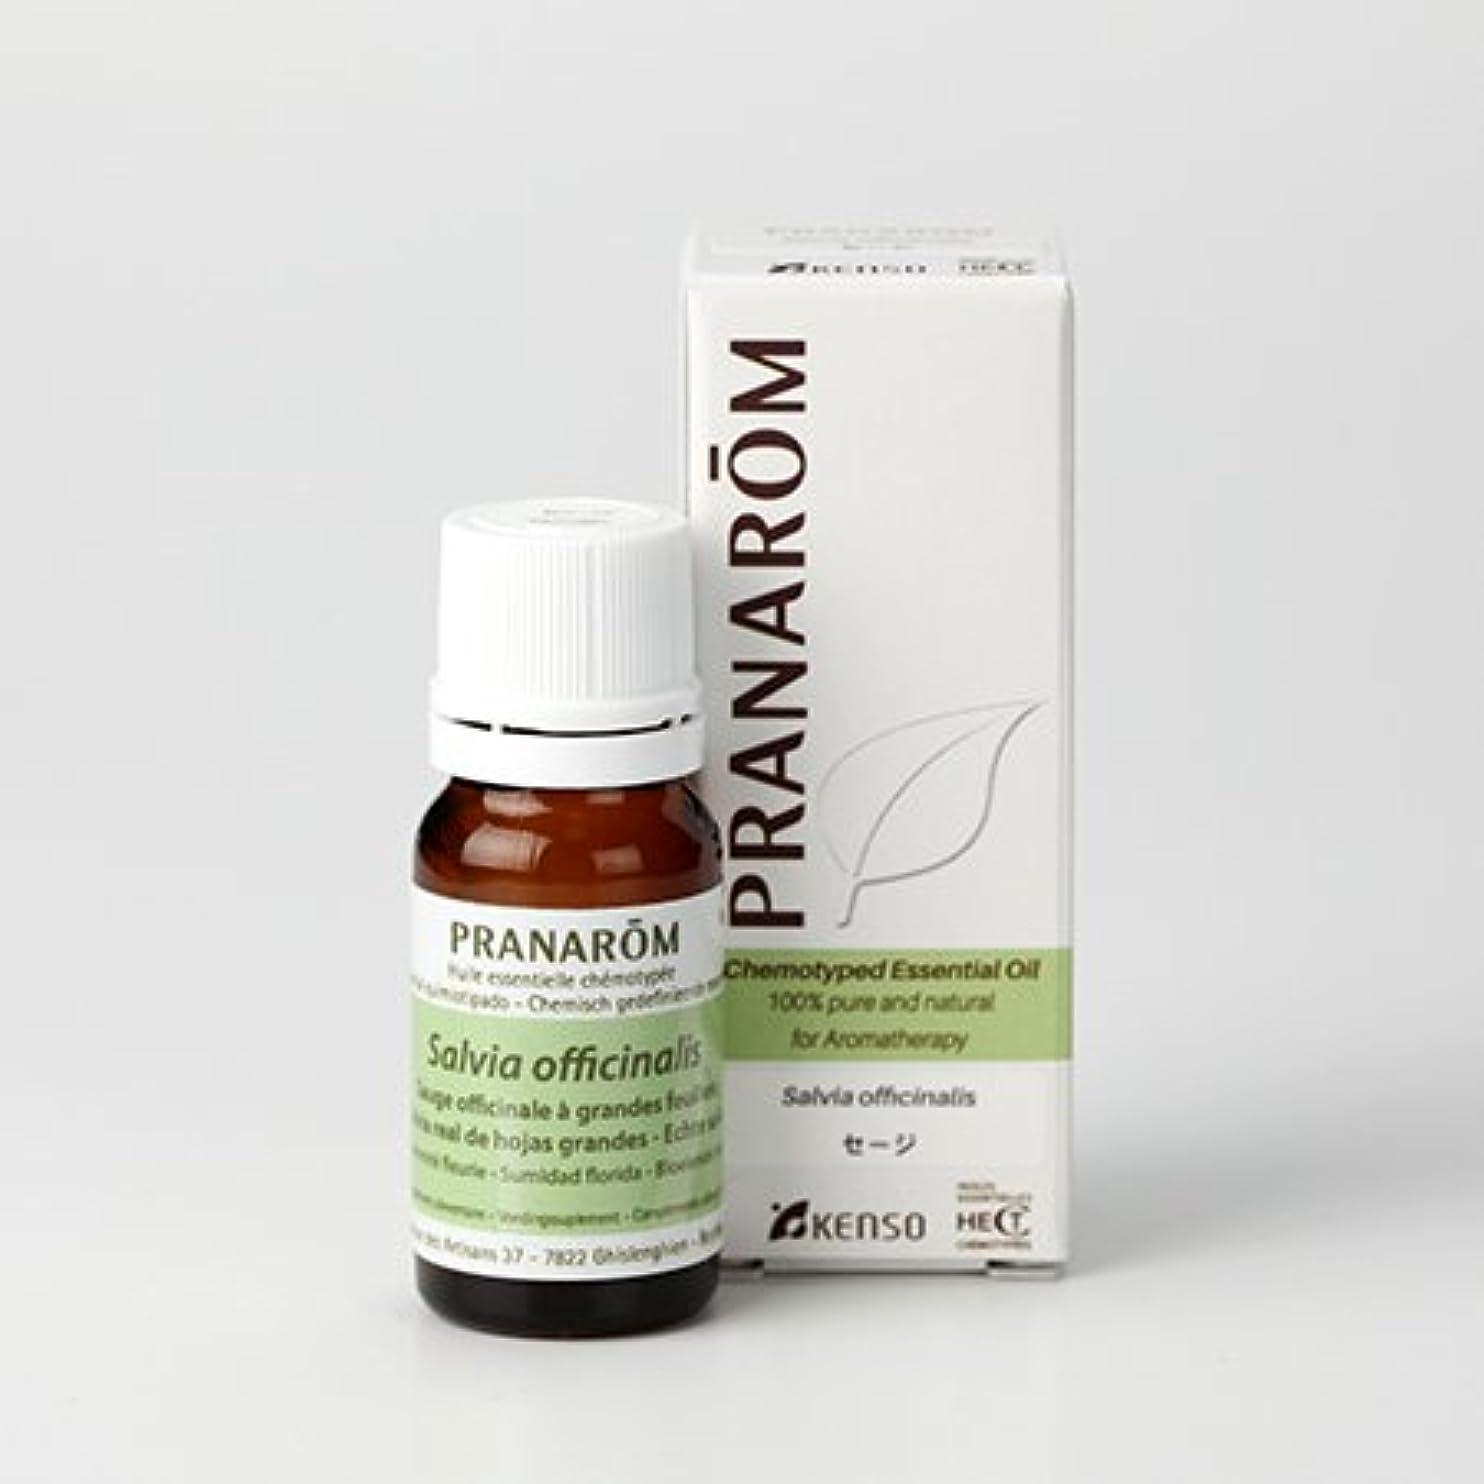 シャッター火曜日さらに【セージ 10ml】→樟脳のようなハッキリとした香り?(リフレッシュハーブ系)[PRANAROM(プラナロム)精油/アロマオイル/エッセンシャルオイル]P-164